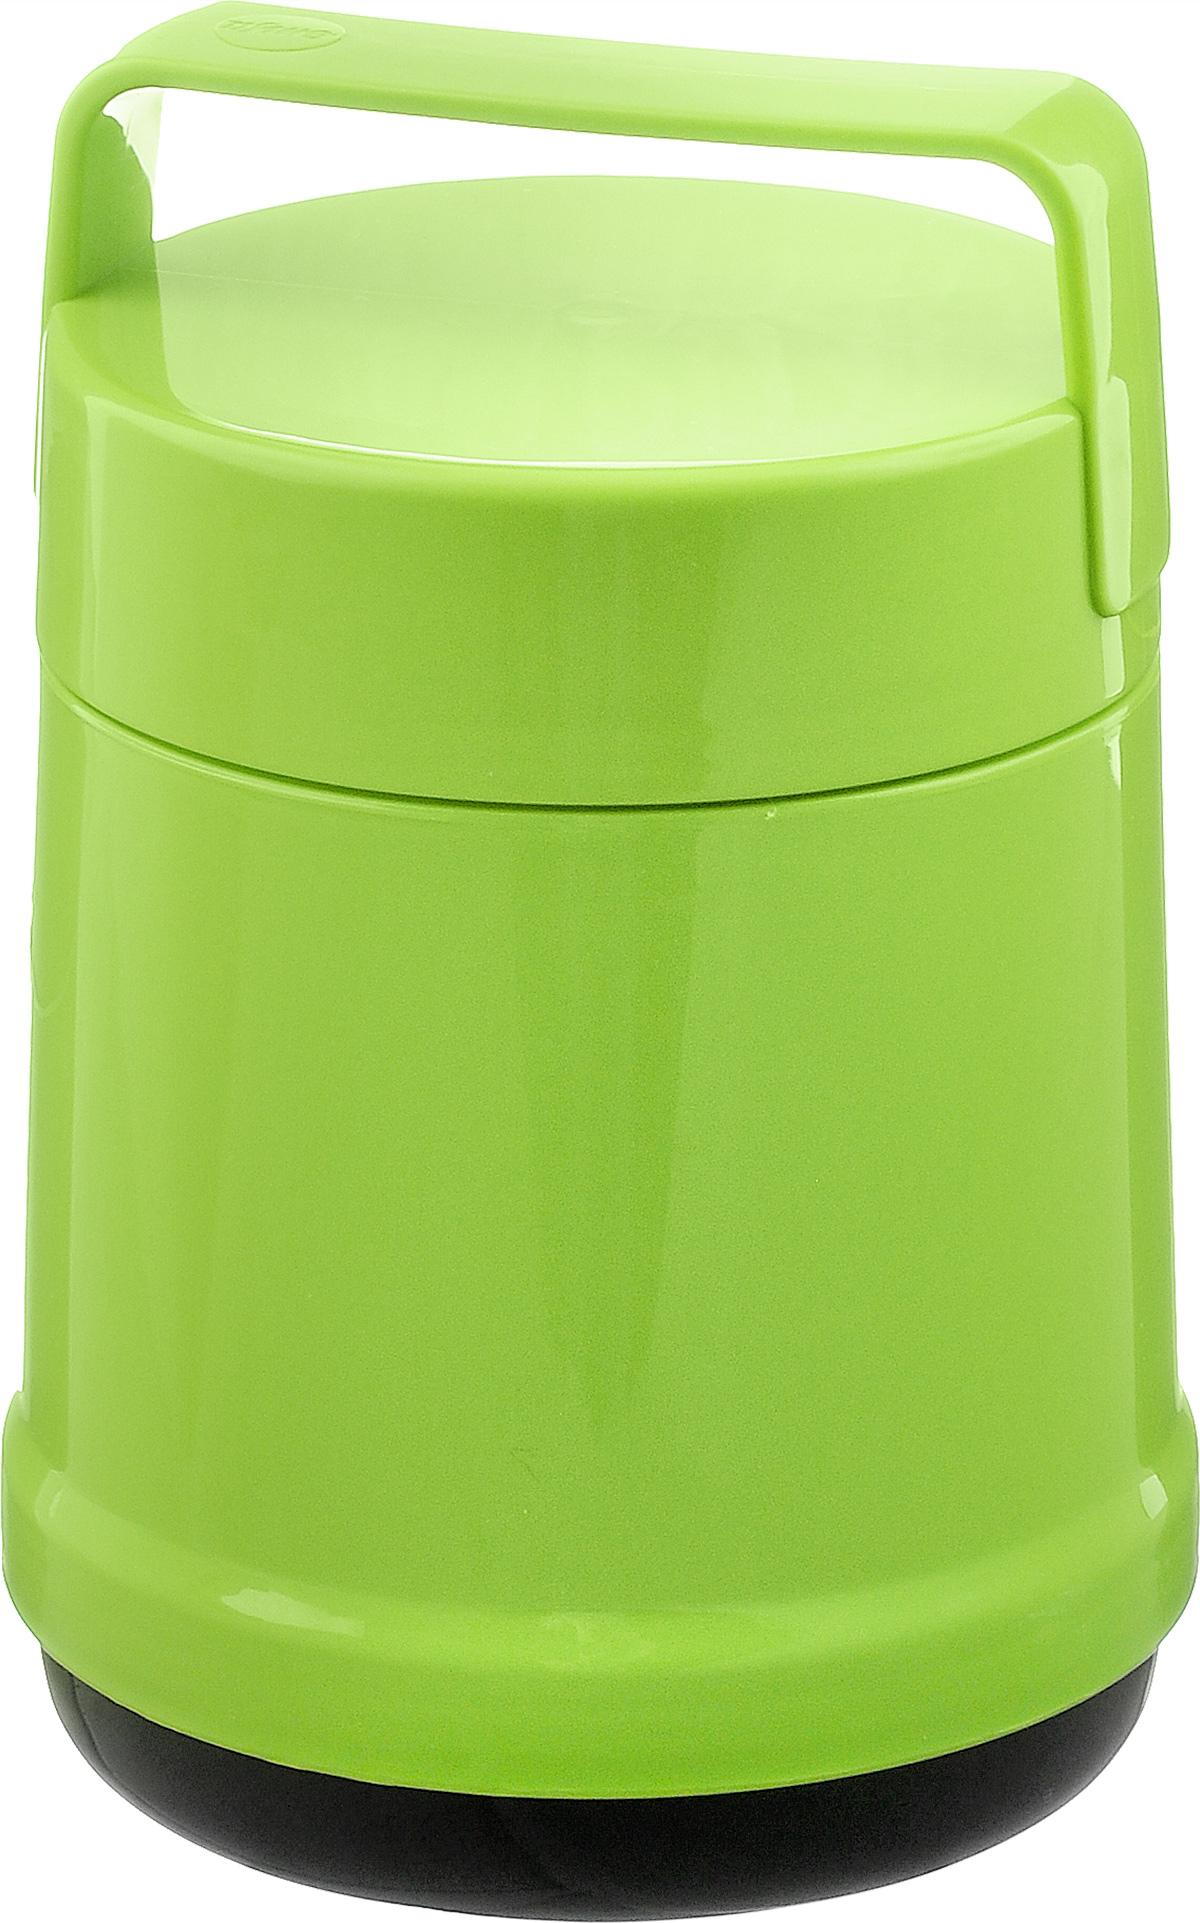 Термос для еды Emsa Rocket, цвет: зеленый, 1 л514534Термос с широким горлом Emsa Rocket выполнен из прочного цветного пластика со стеклянной колбой. Термос прост в использовании и очень функционален. В комплекте 2 контейнера, которые можно использовать в качестве мисок для еды. Легкий и прочный термос Emsa Rocket сохранит вашу еду горячей или холодной надолго. Высота (с учетом крышки): 22 см. Диаметр горлышка: 12,5 см. Диаметр дна: 14 см. Размер большого контейнера: 11,8 см х 11,8 см х 12,5 см. Размер маленького контейнера: 11 см х 10 см х 4,7 см. Сохранение холода: 12 ч. Сохранение тепла: 6 ч.